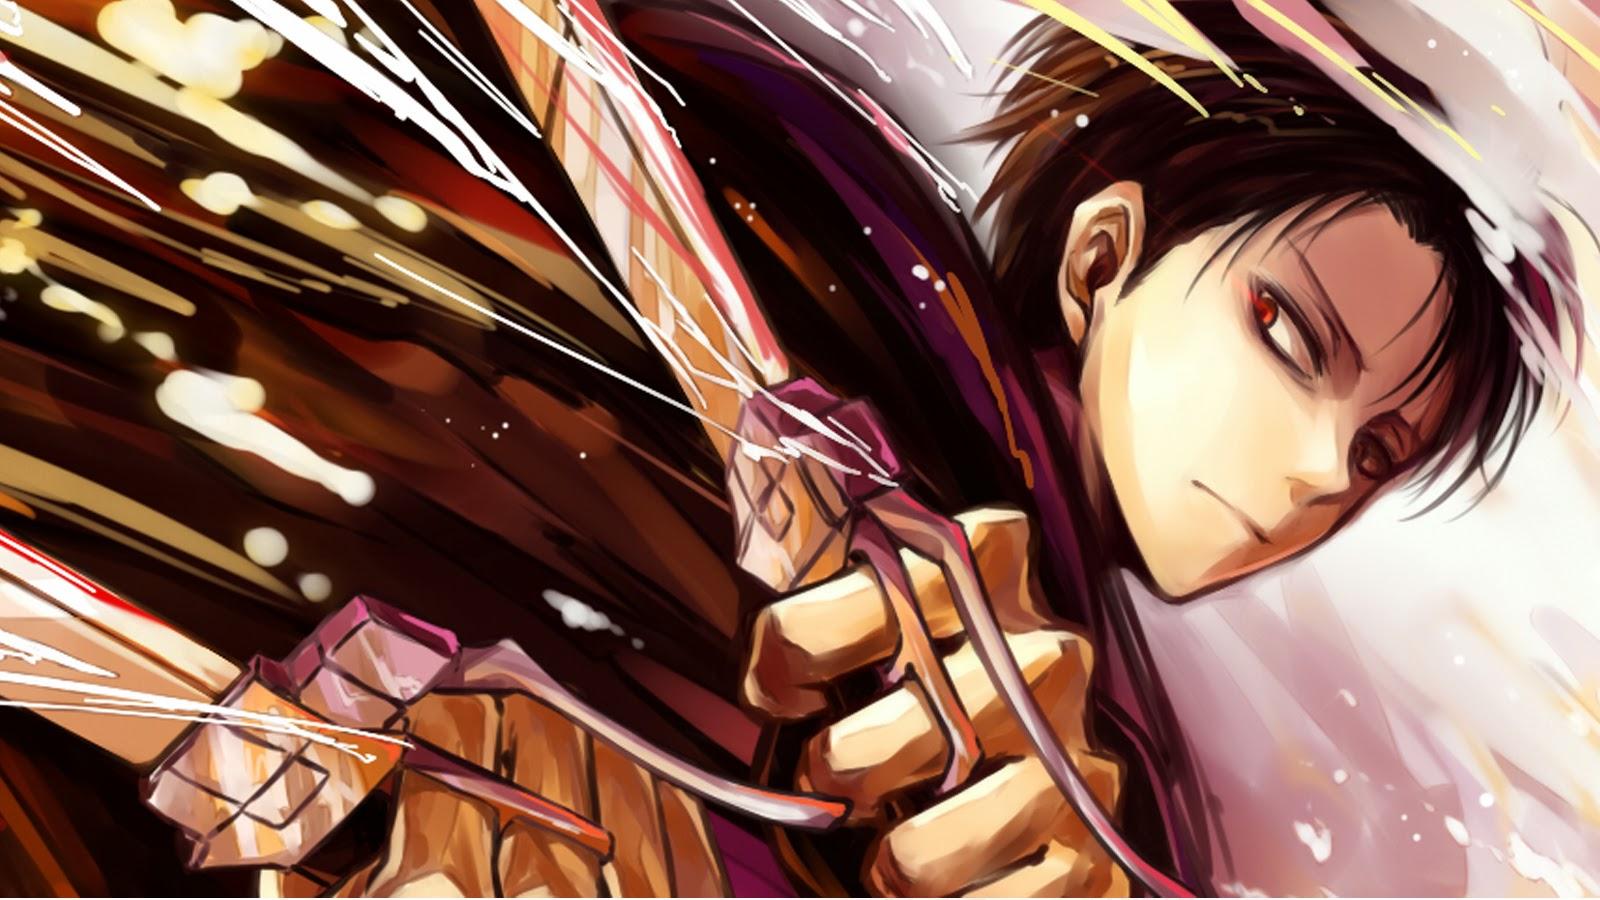 Attack on Titan Levi Anime Picture 92 HD Wallpaper 1600x900